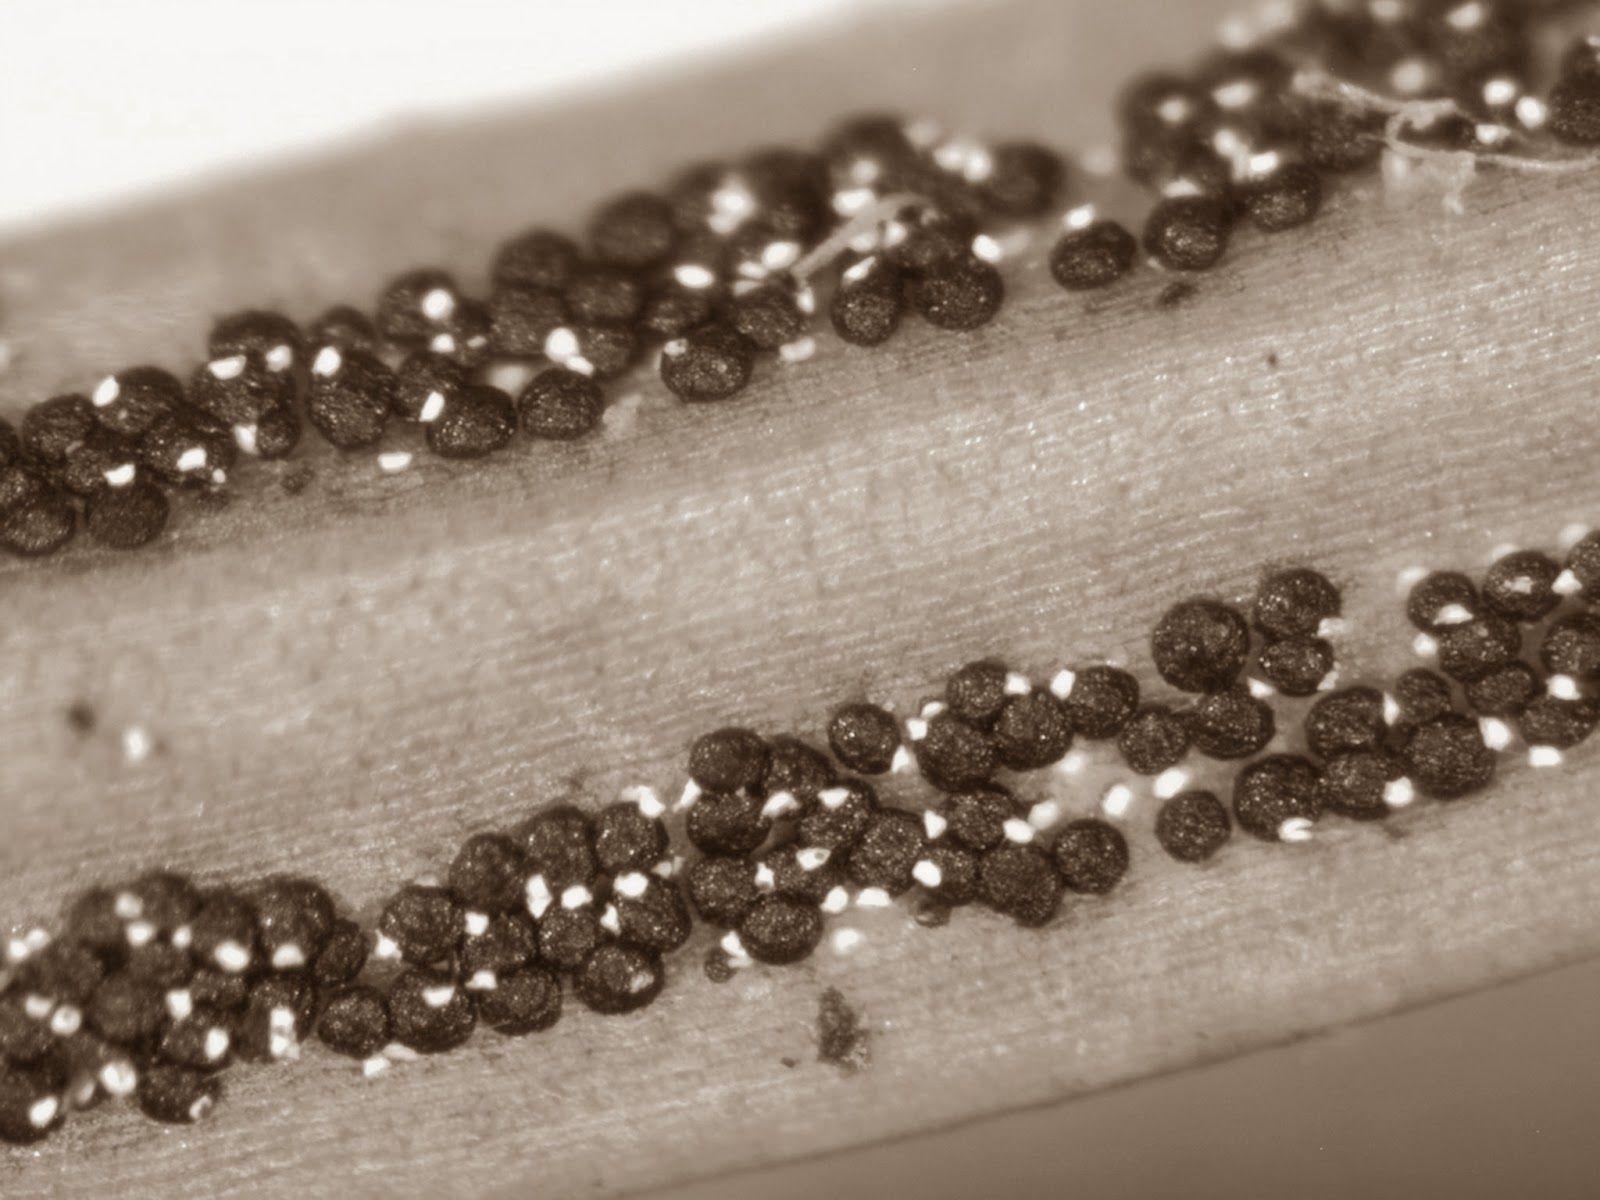 Rhizosphaera Needle Cast